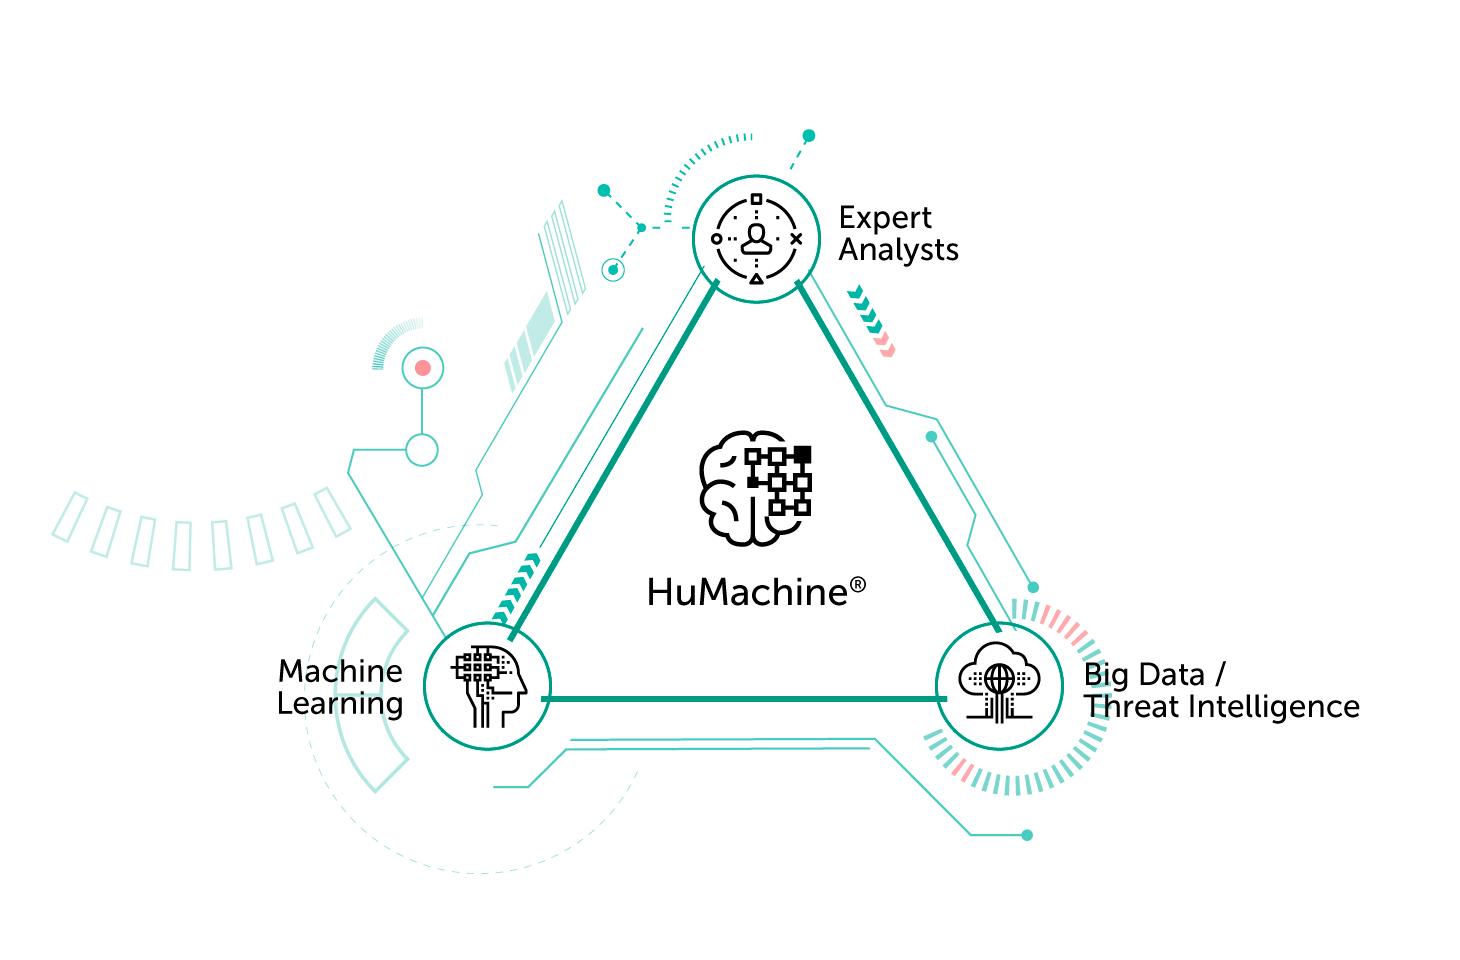 Qu'est-ce que HuMachine: apprentissage automatique avec beaucoup de données, des renseignements sur les menaces, et les analyses d'experts